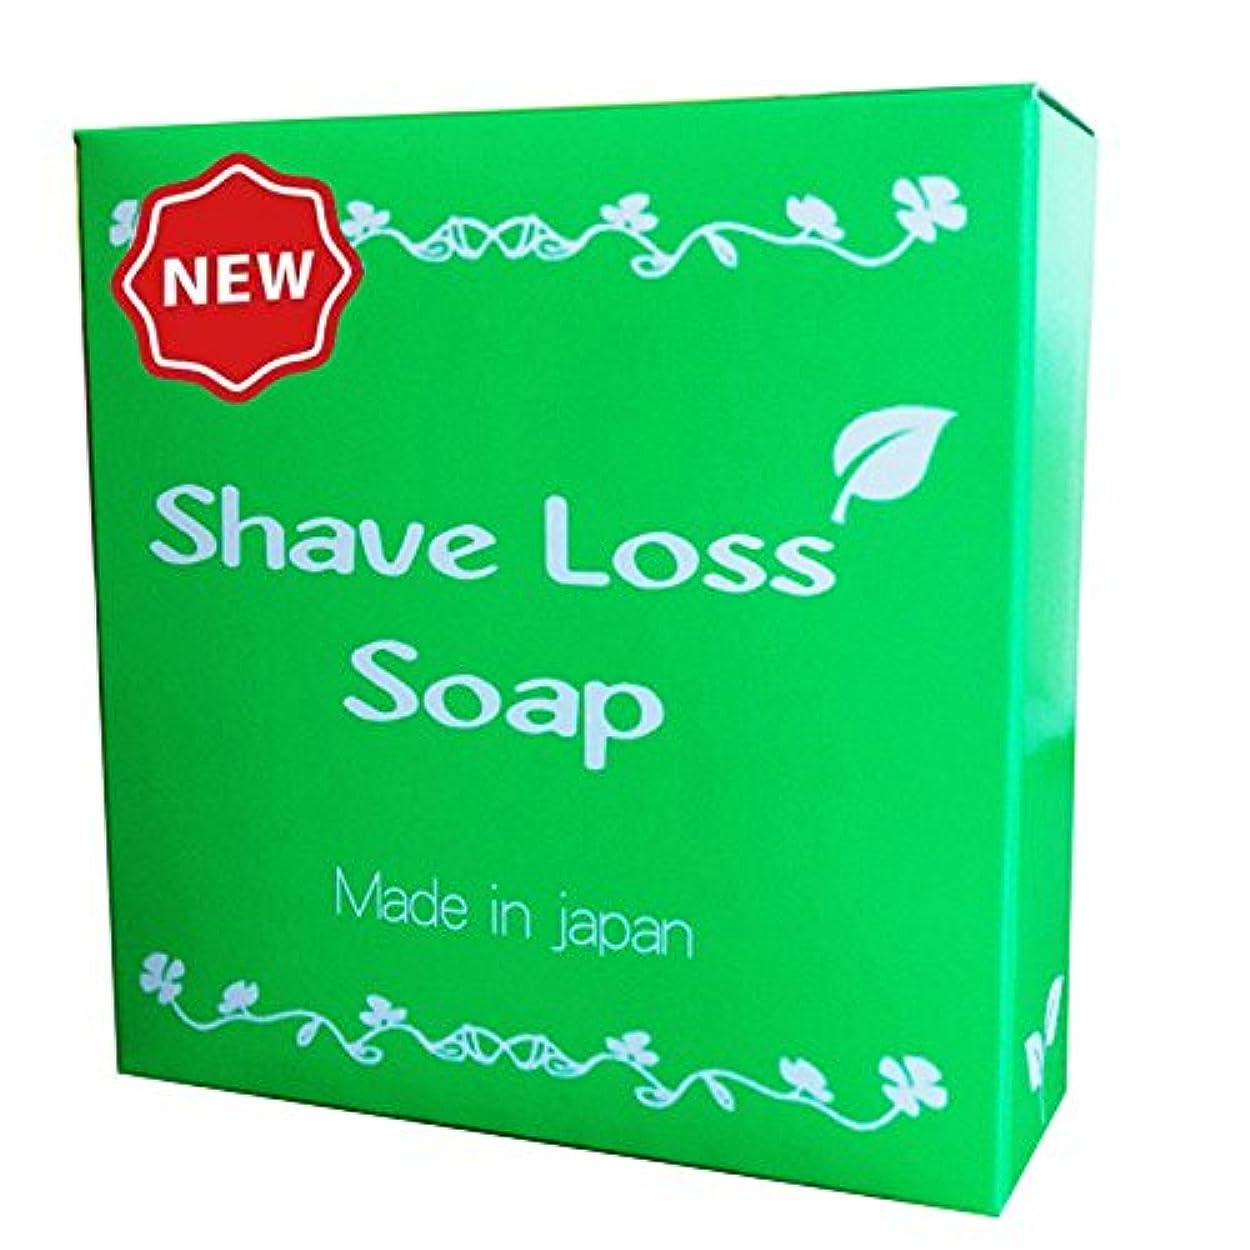 ページ一晩ラリーベルモント【NEW】Shave Loss Soap 女性のツルツルを叶える 奇跡の石鹸 80g 2018年最新版 「ダイズ種子エキス」 「ラレアディバリカタエキス」大幅増量タイプ